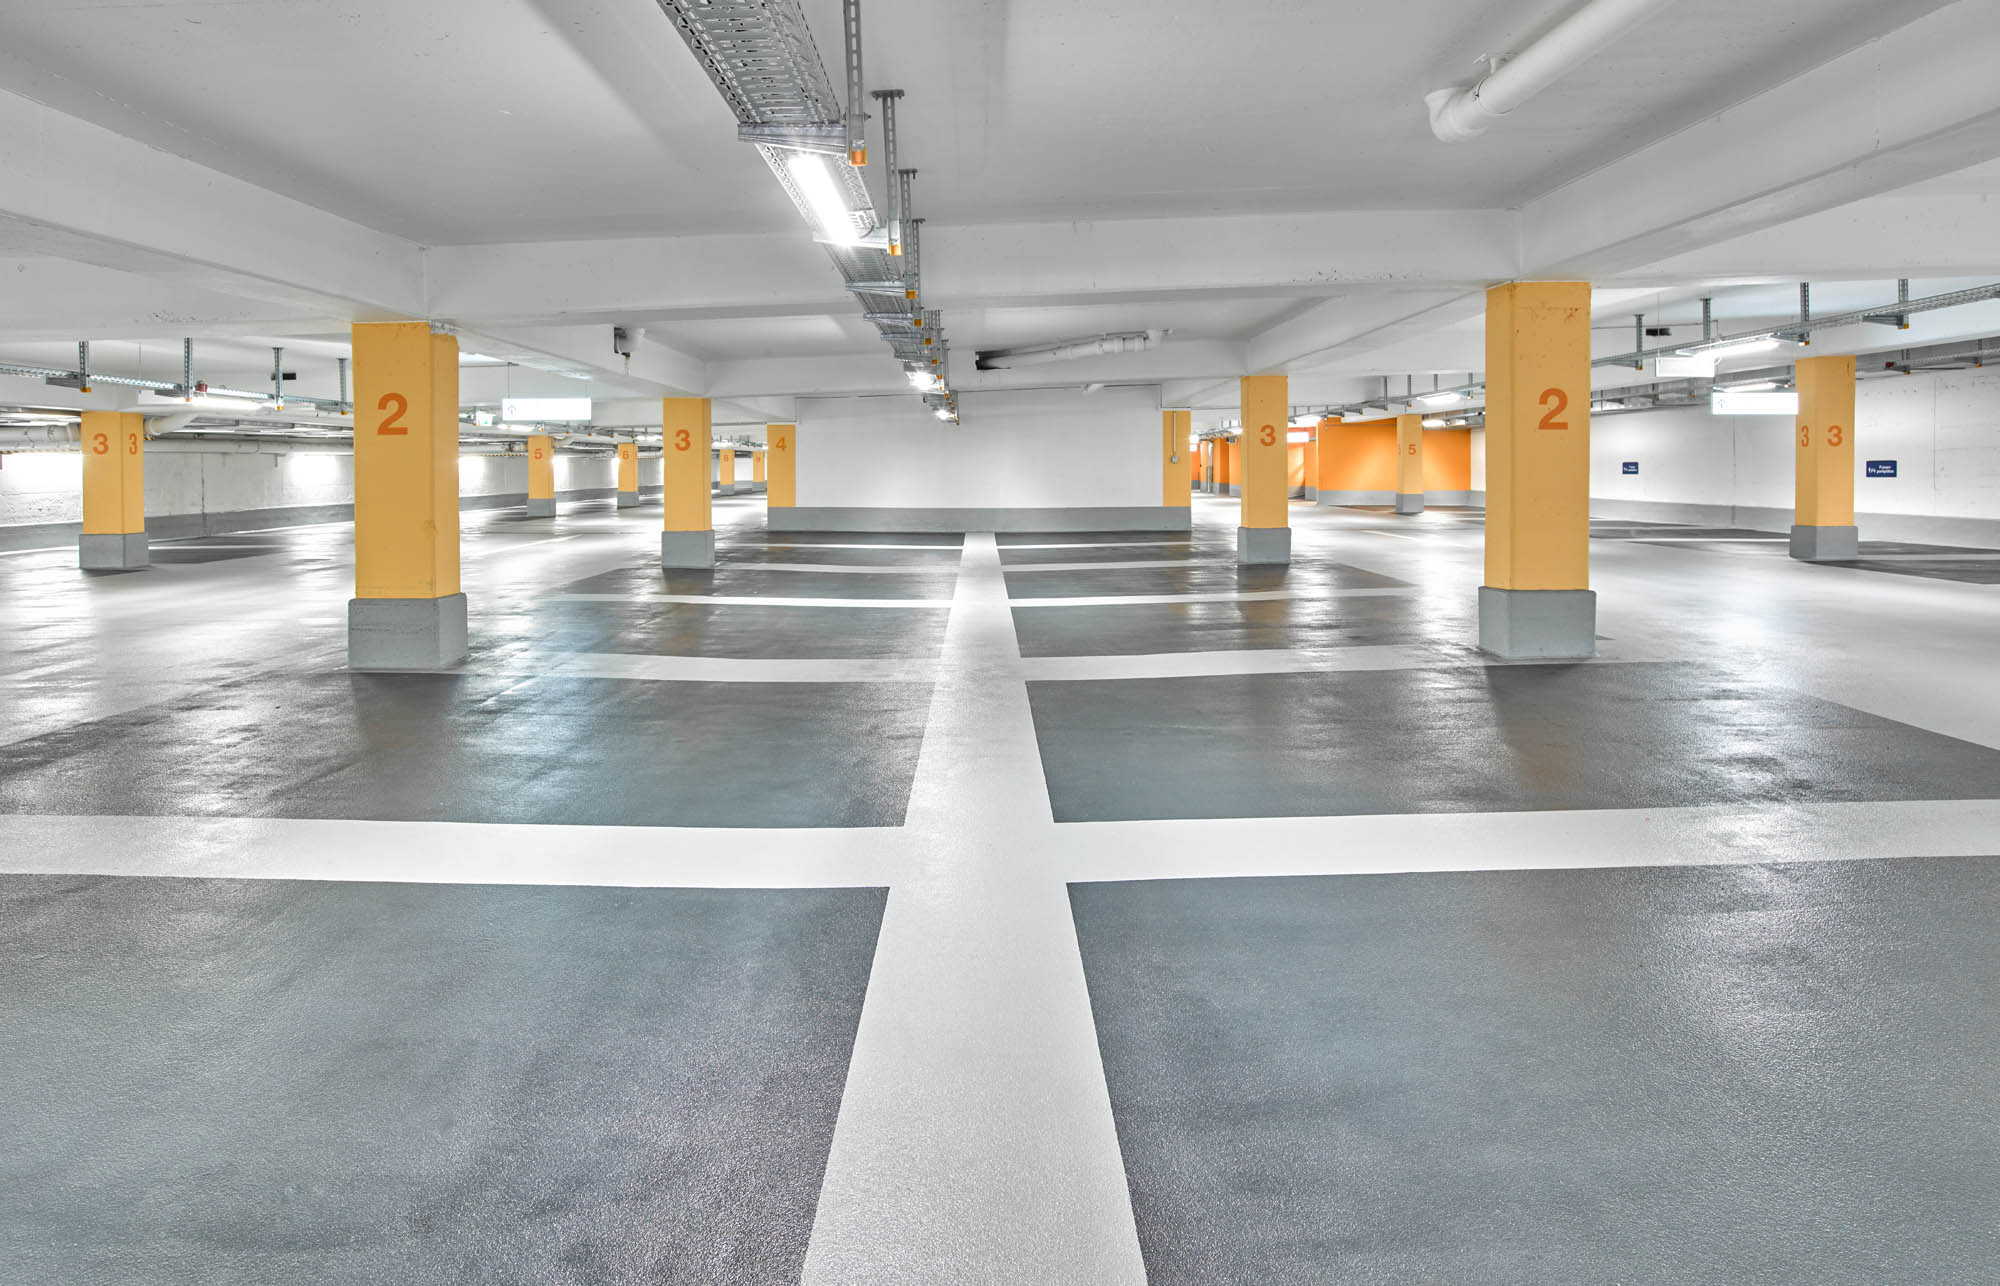 OPC 161218 10023 - Tiefgaragen Waiblingen und Heilbronn: Dokumentation erfolgreicher Sanierungen